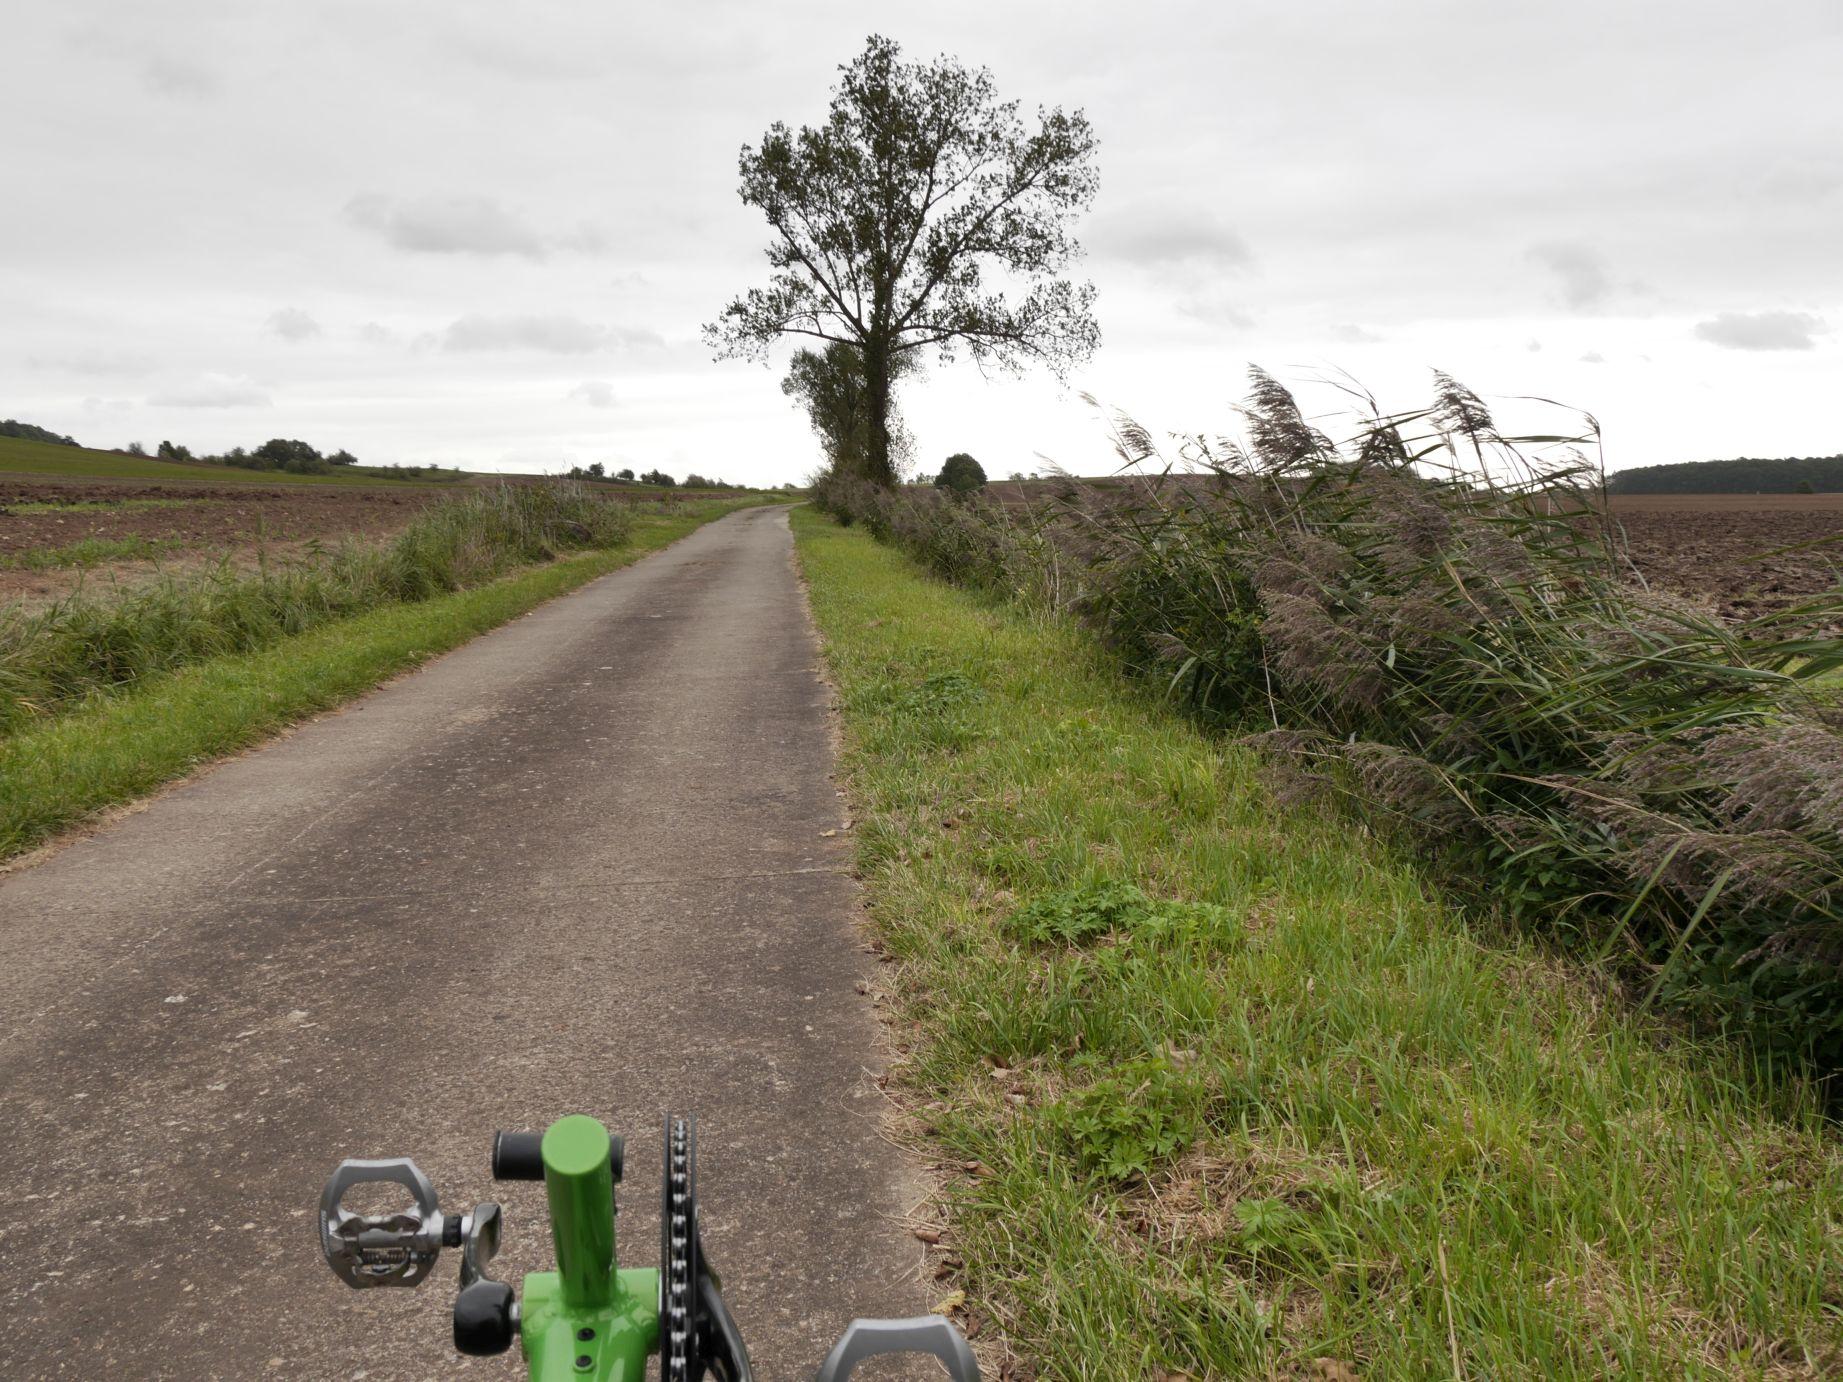 Weg zur nördlichen Saalequelle